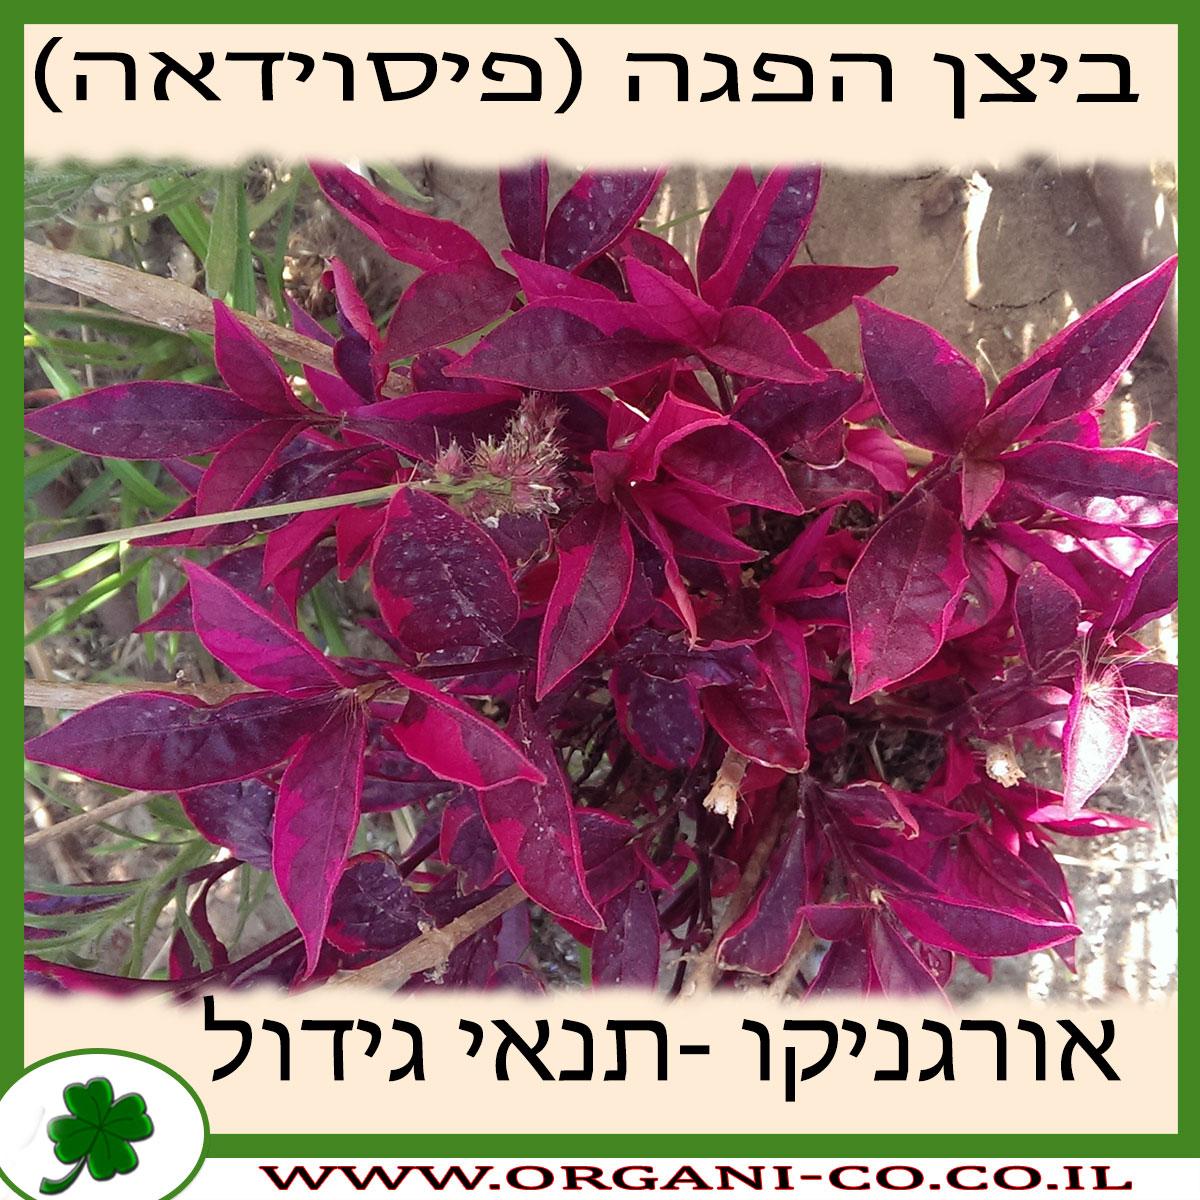 ביצן הפגה (פיסוידאה) גידול צמח